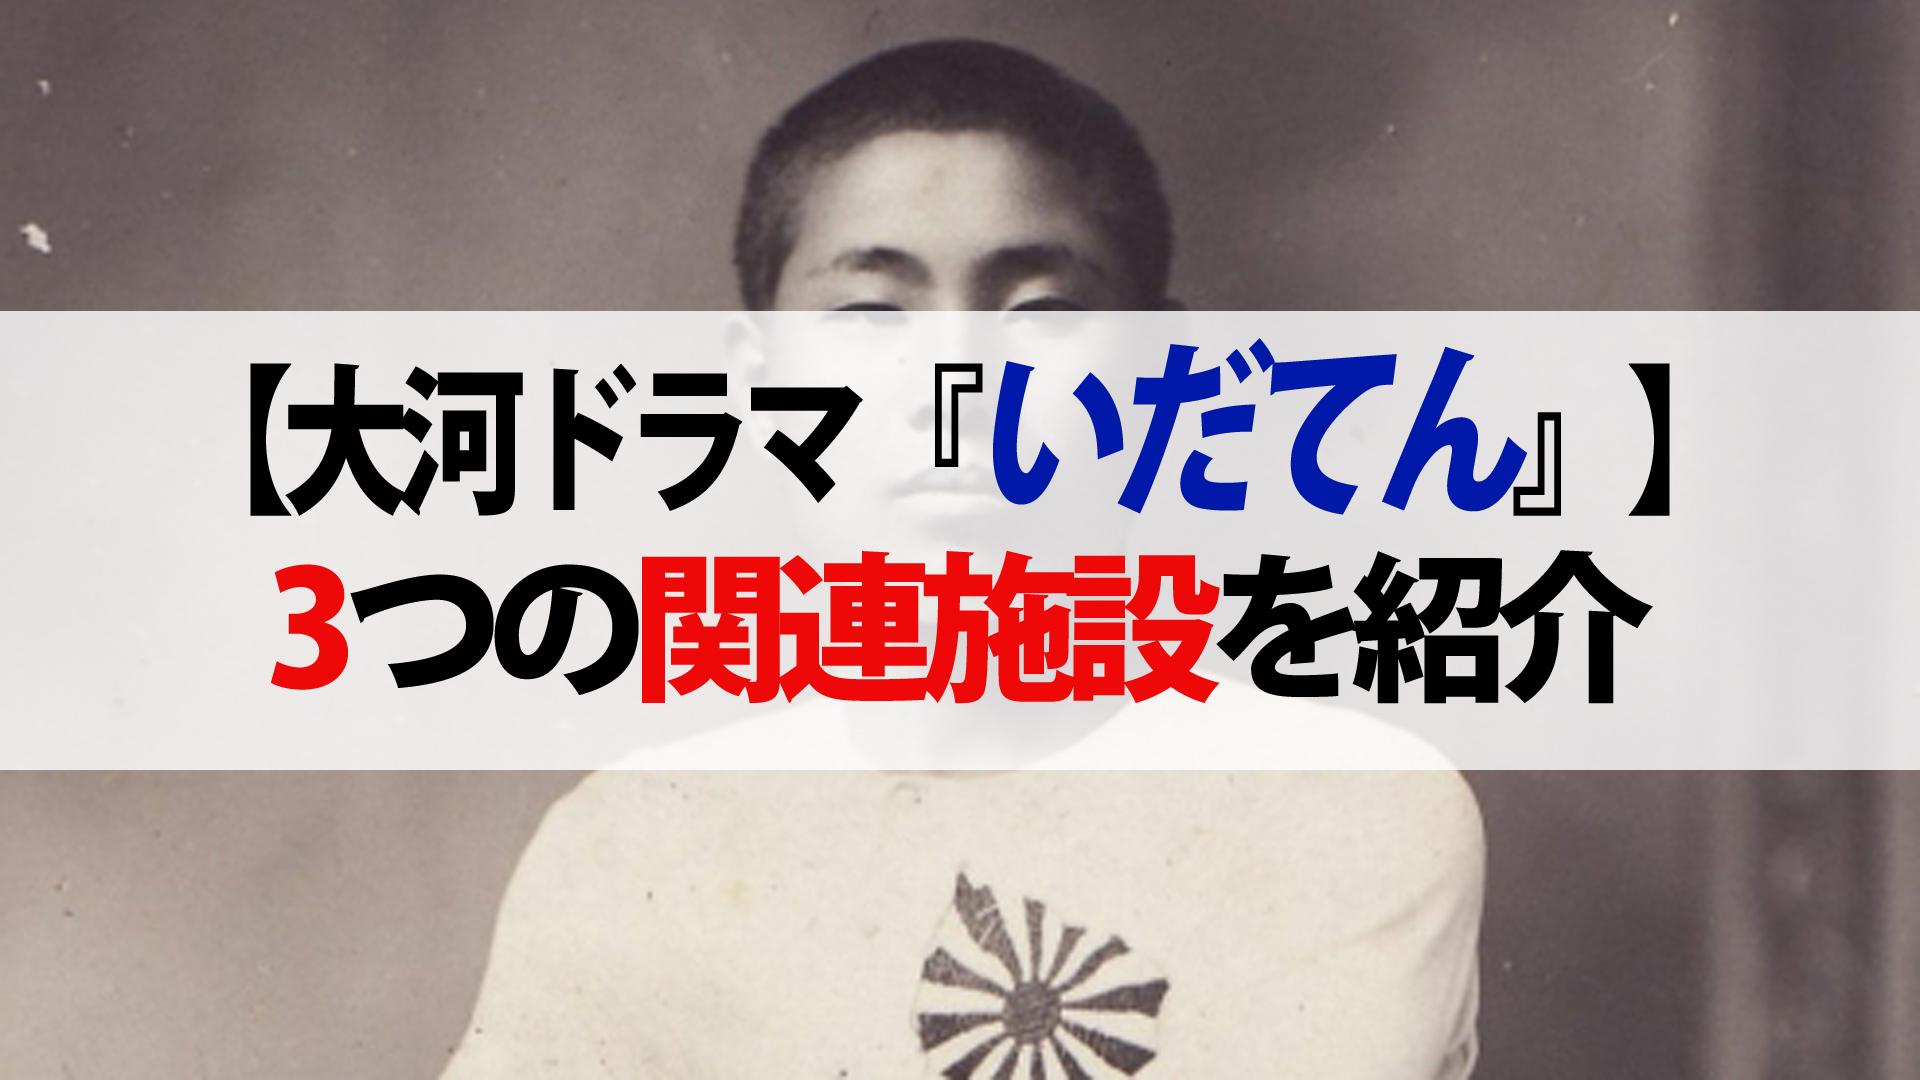 大河ドラマ『いだてん』『金栗四三ミュージアム』『金栗四三生家記念館』『いだてん 大河ドラマ館』